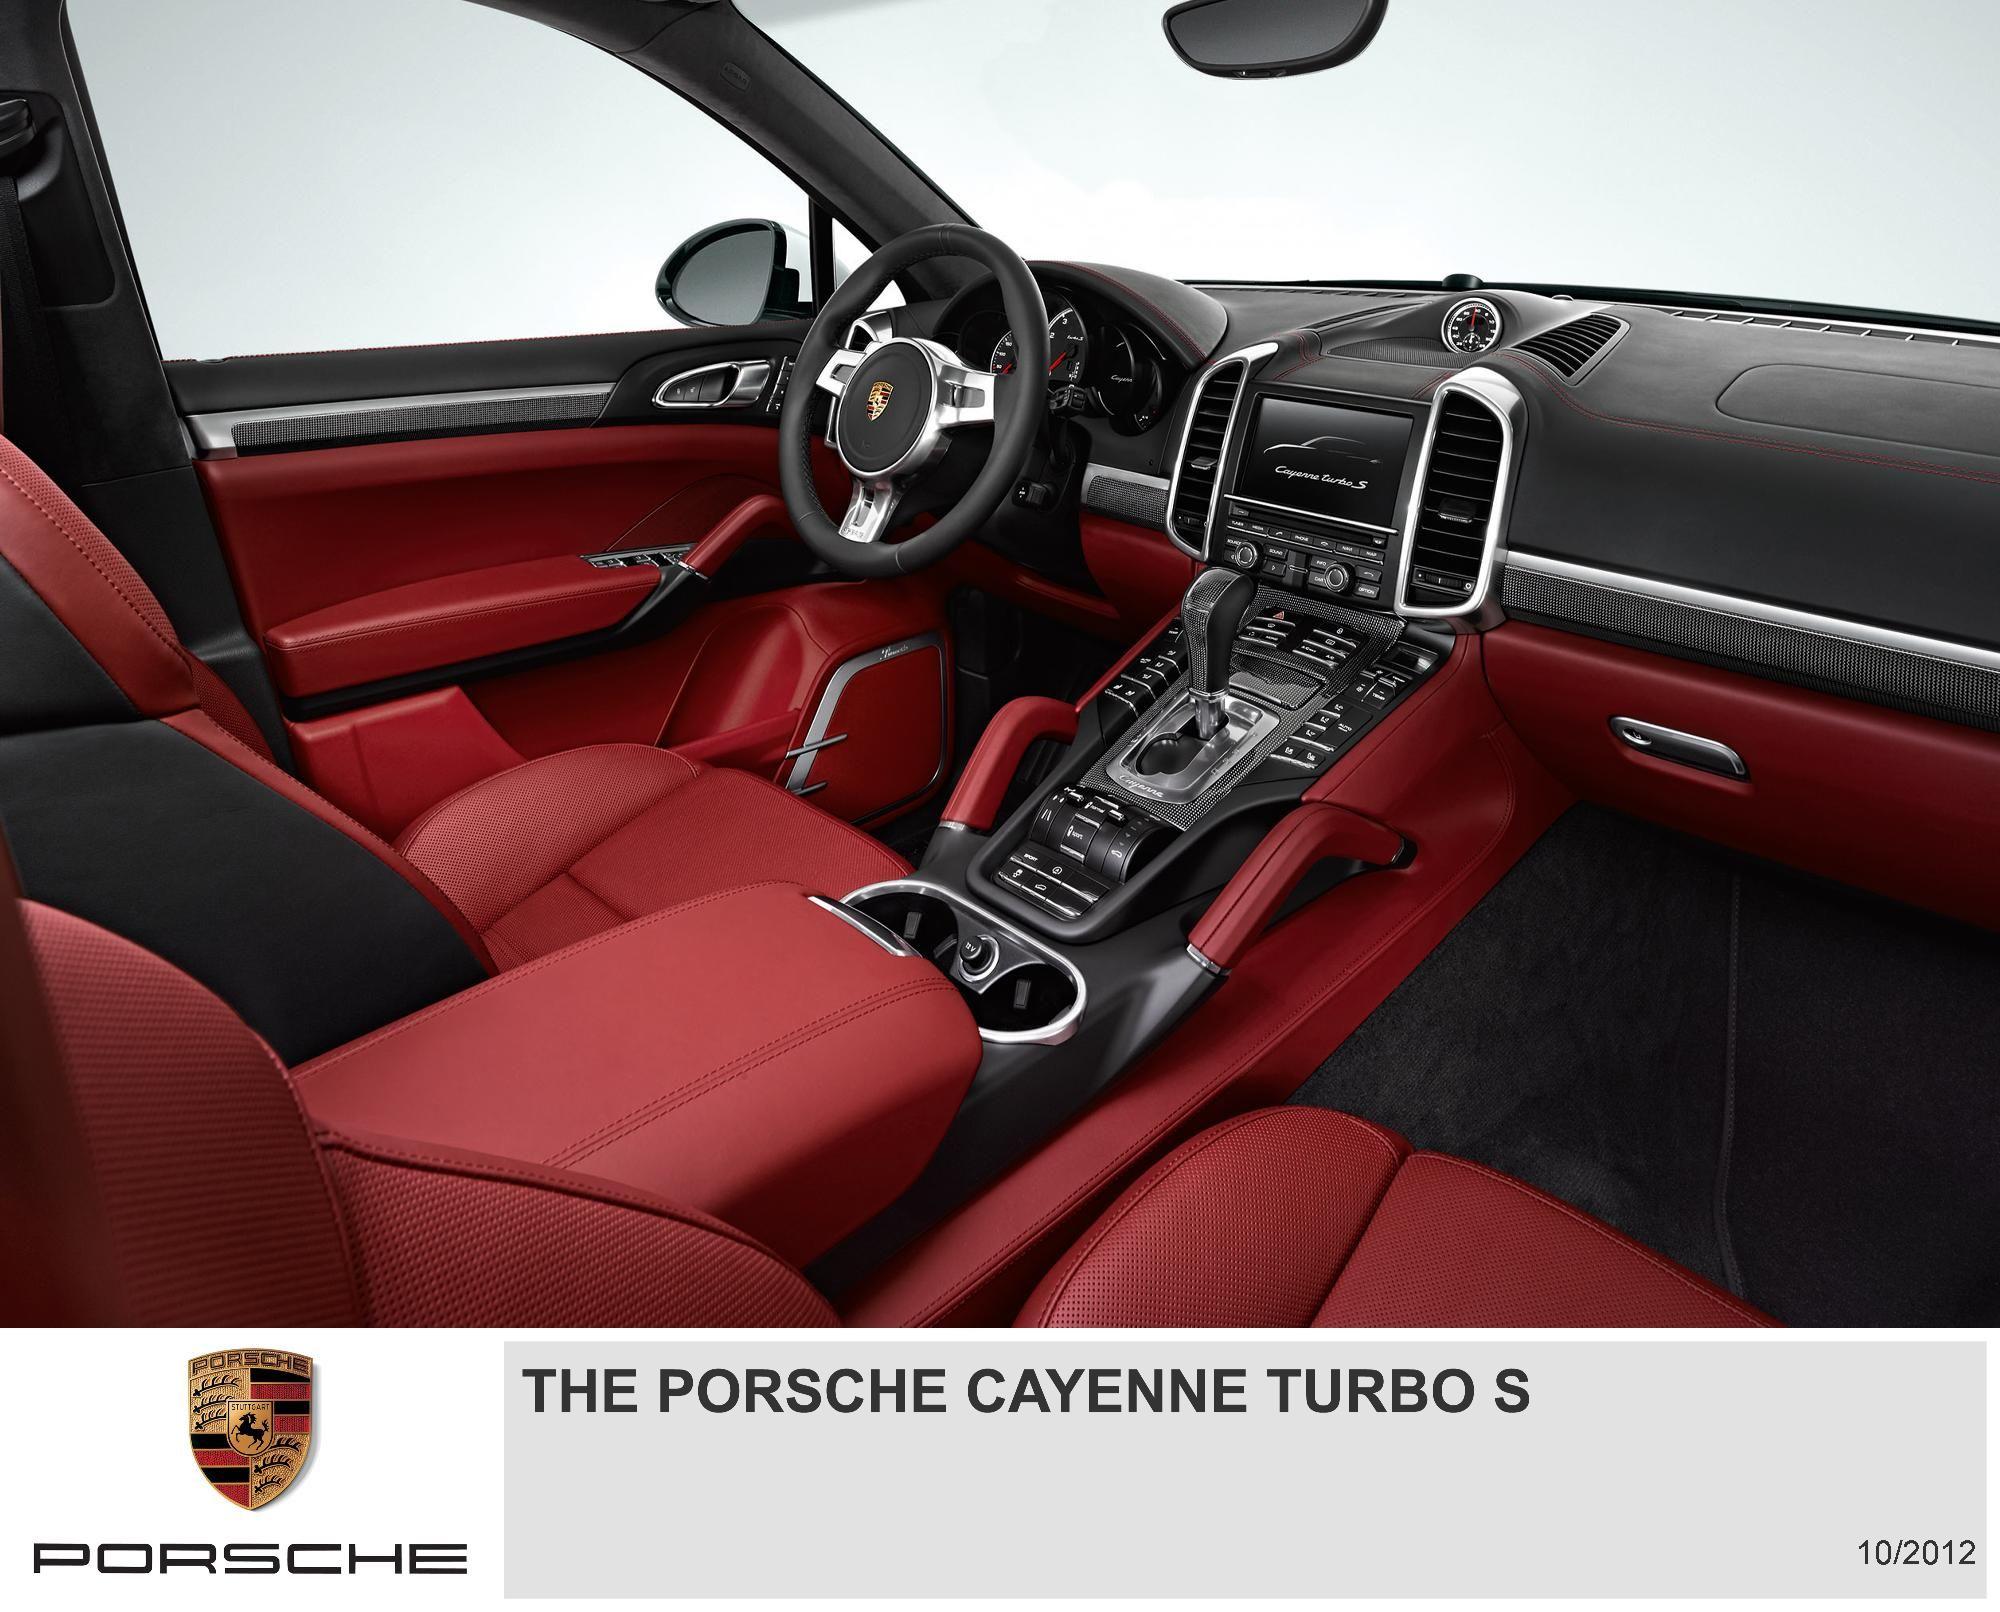 Porsche Cayenne Turbo S With Red Interior Porsche Cayenne Interior Porsche Cayenne Cayenne Turbo